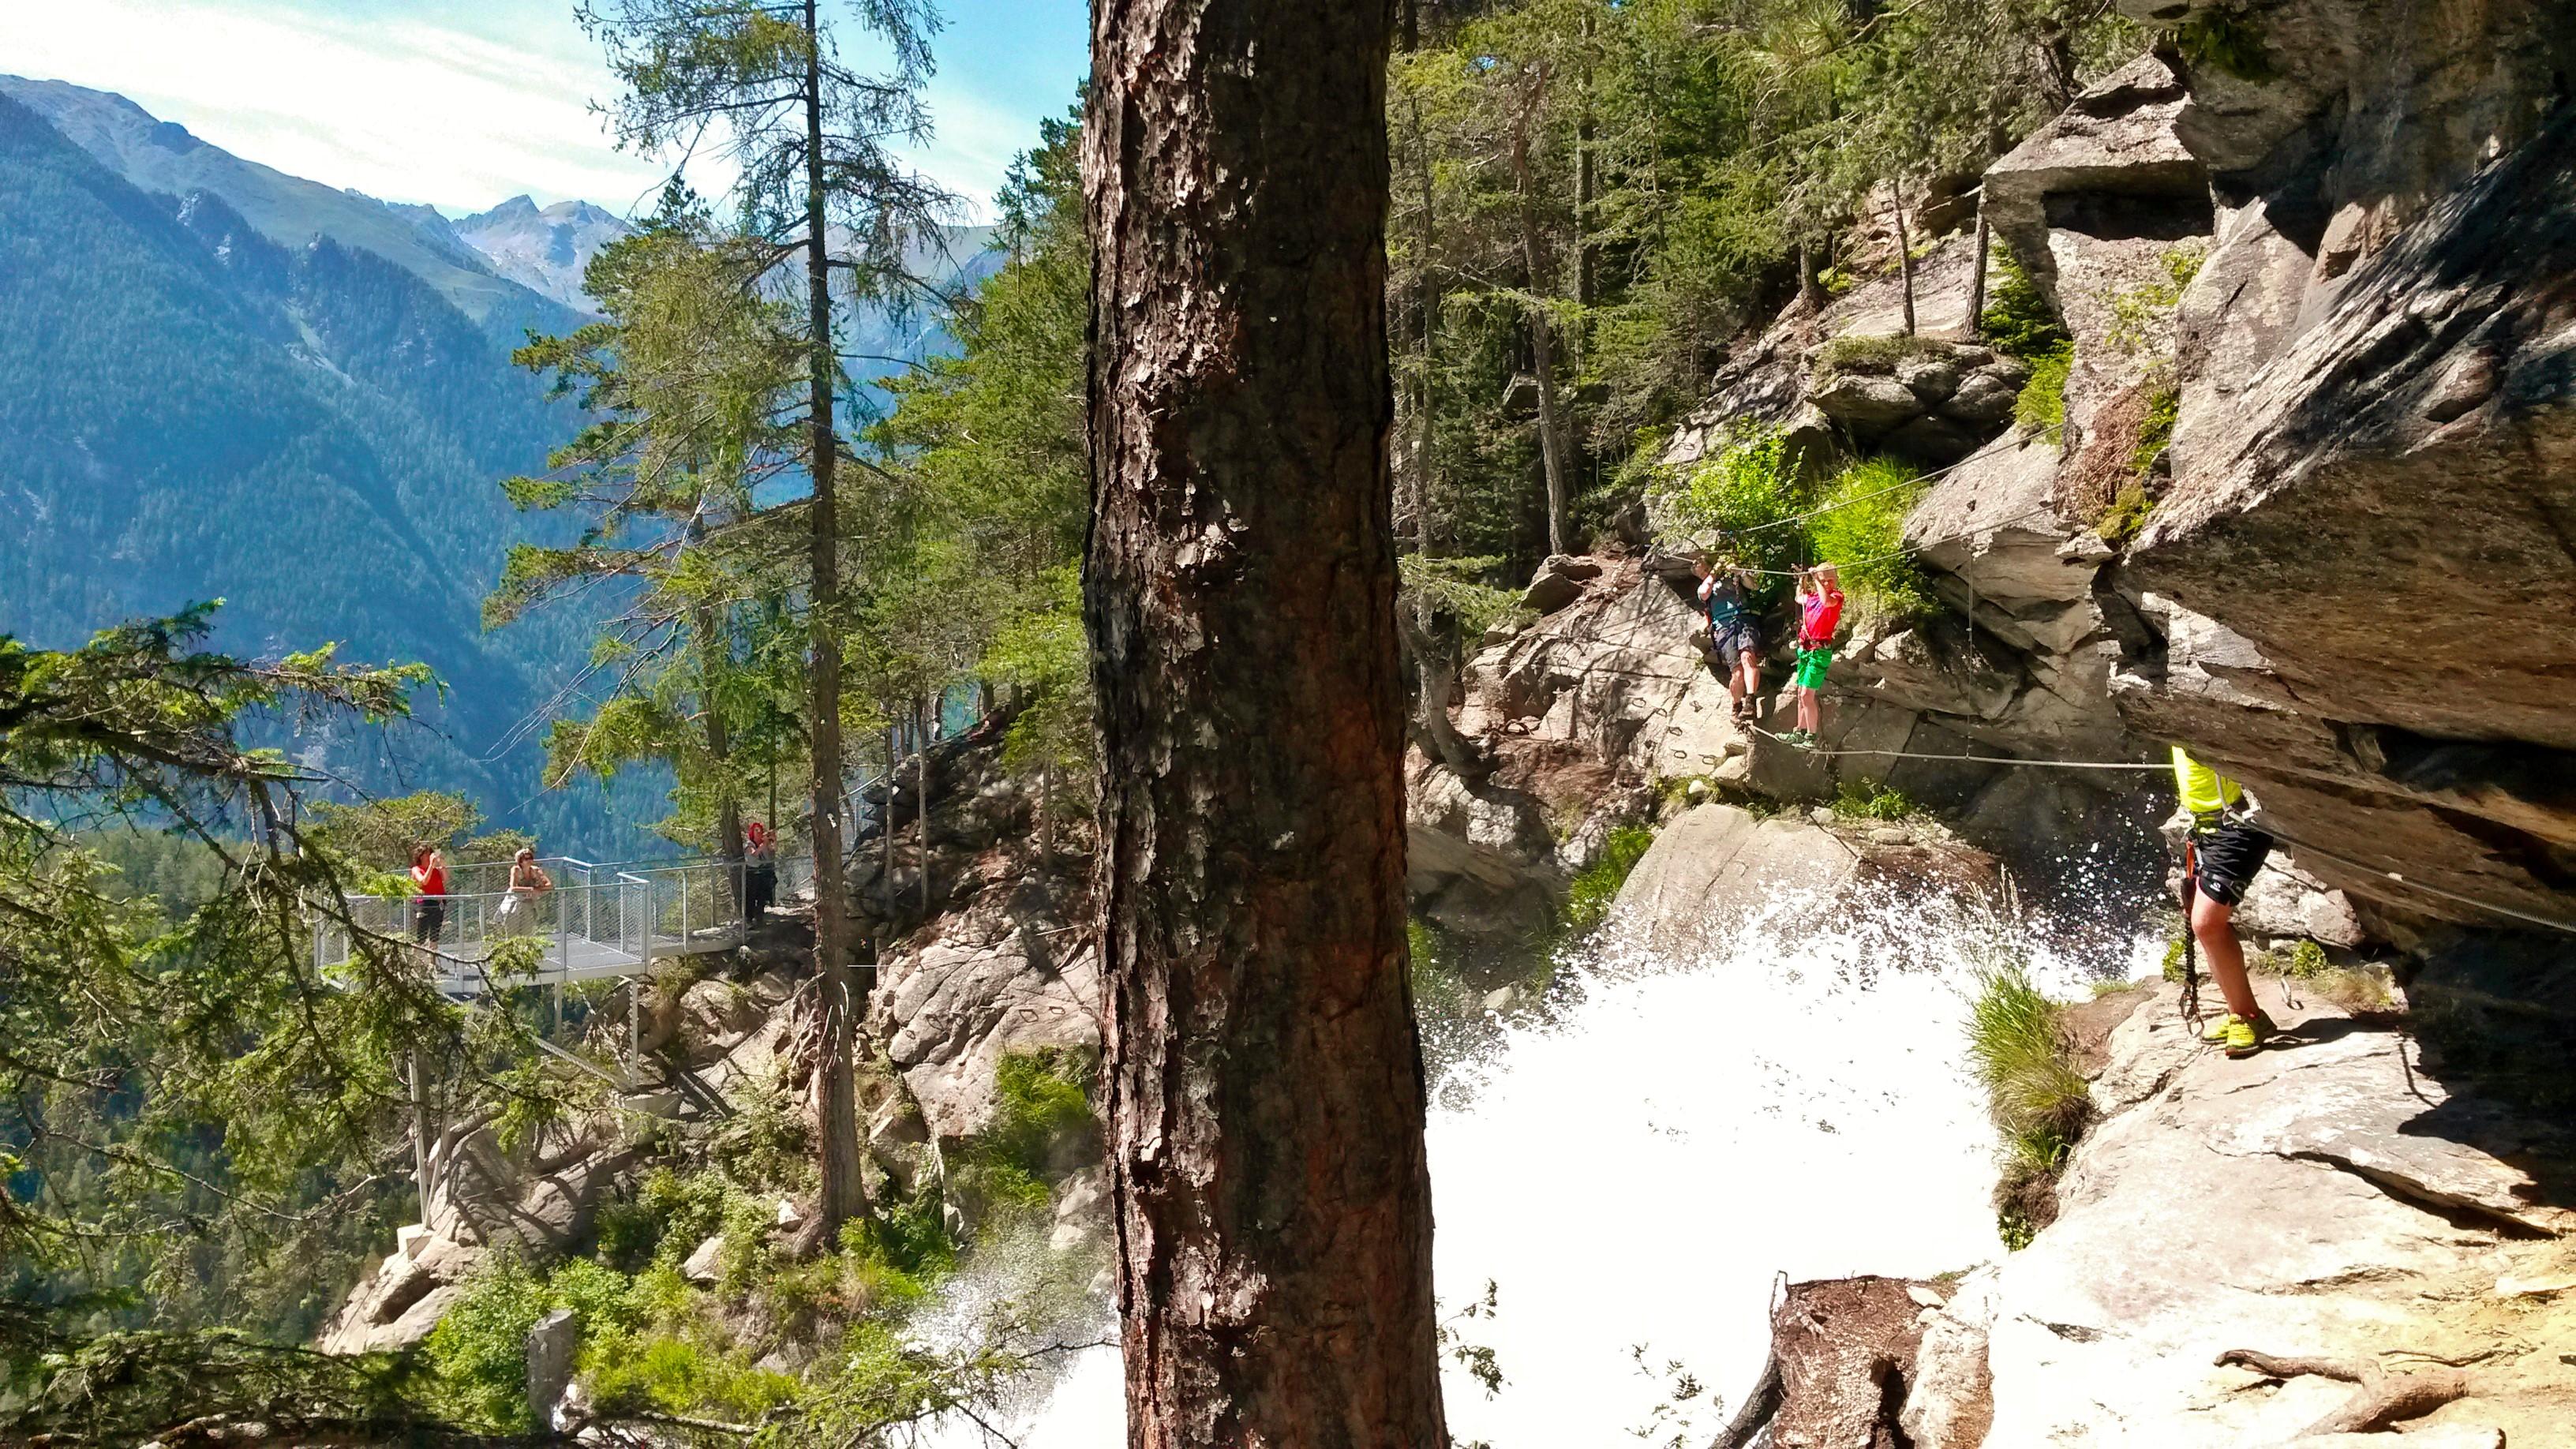 Klettersteig Umhausen : Datei umhausen klettersteige stuibenfall panoramio g u wikipedia